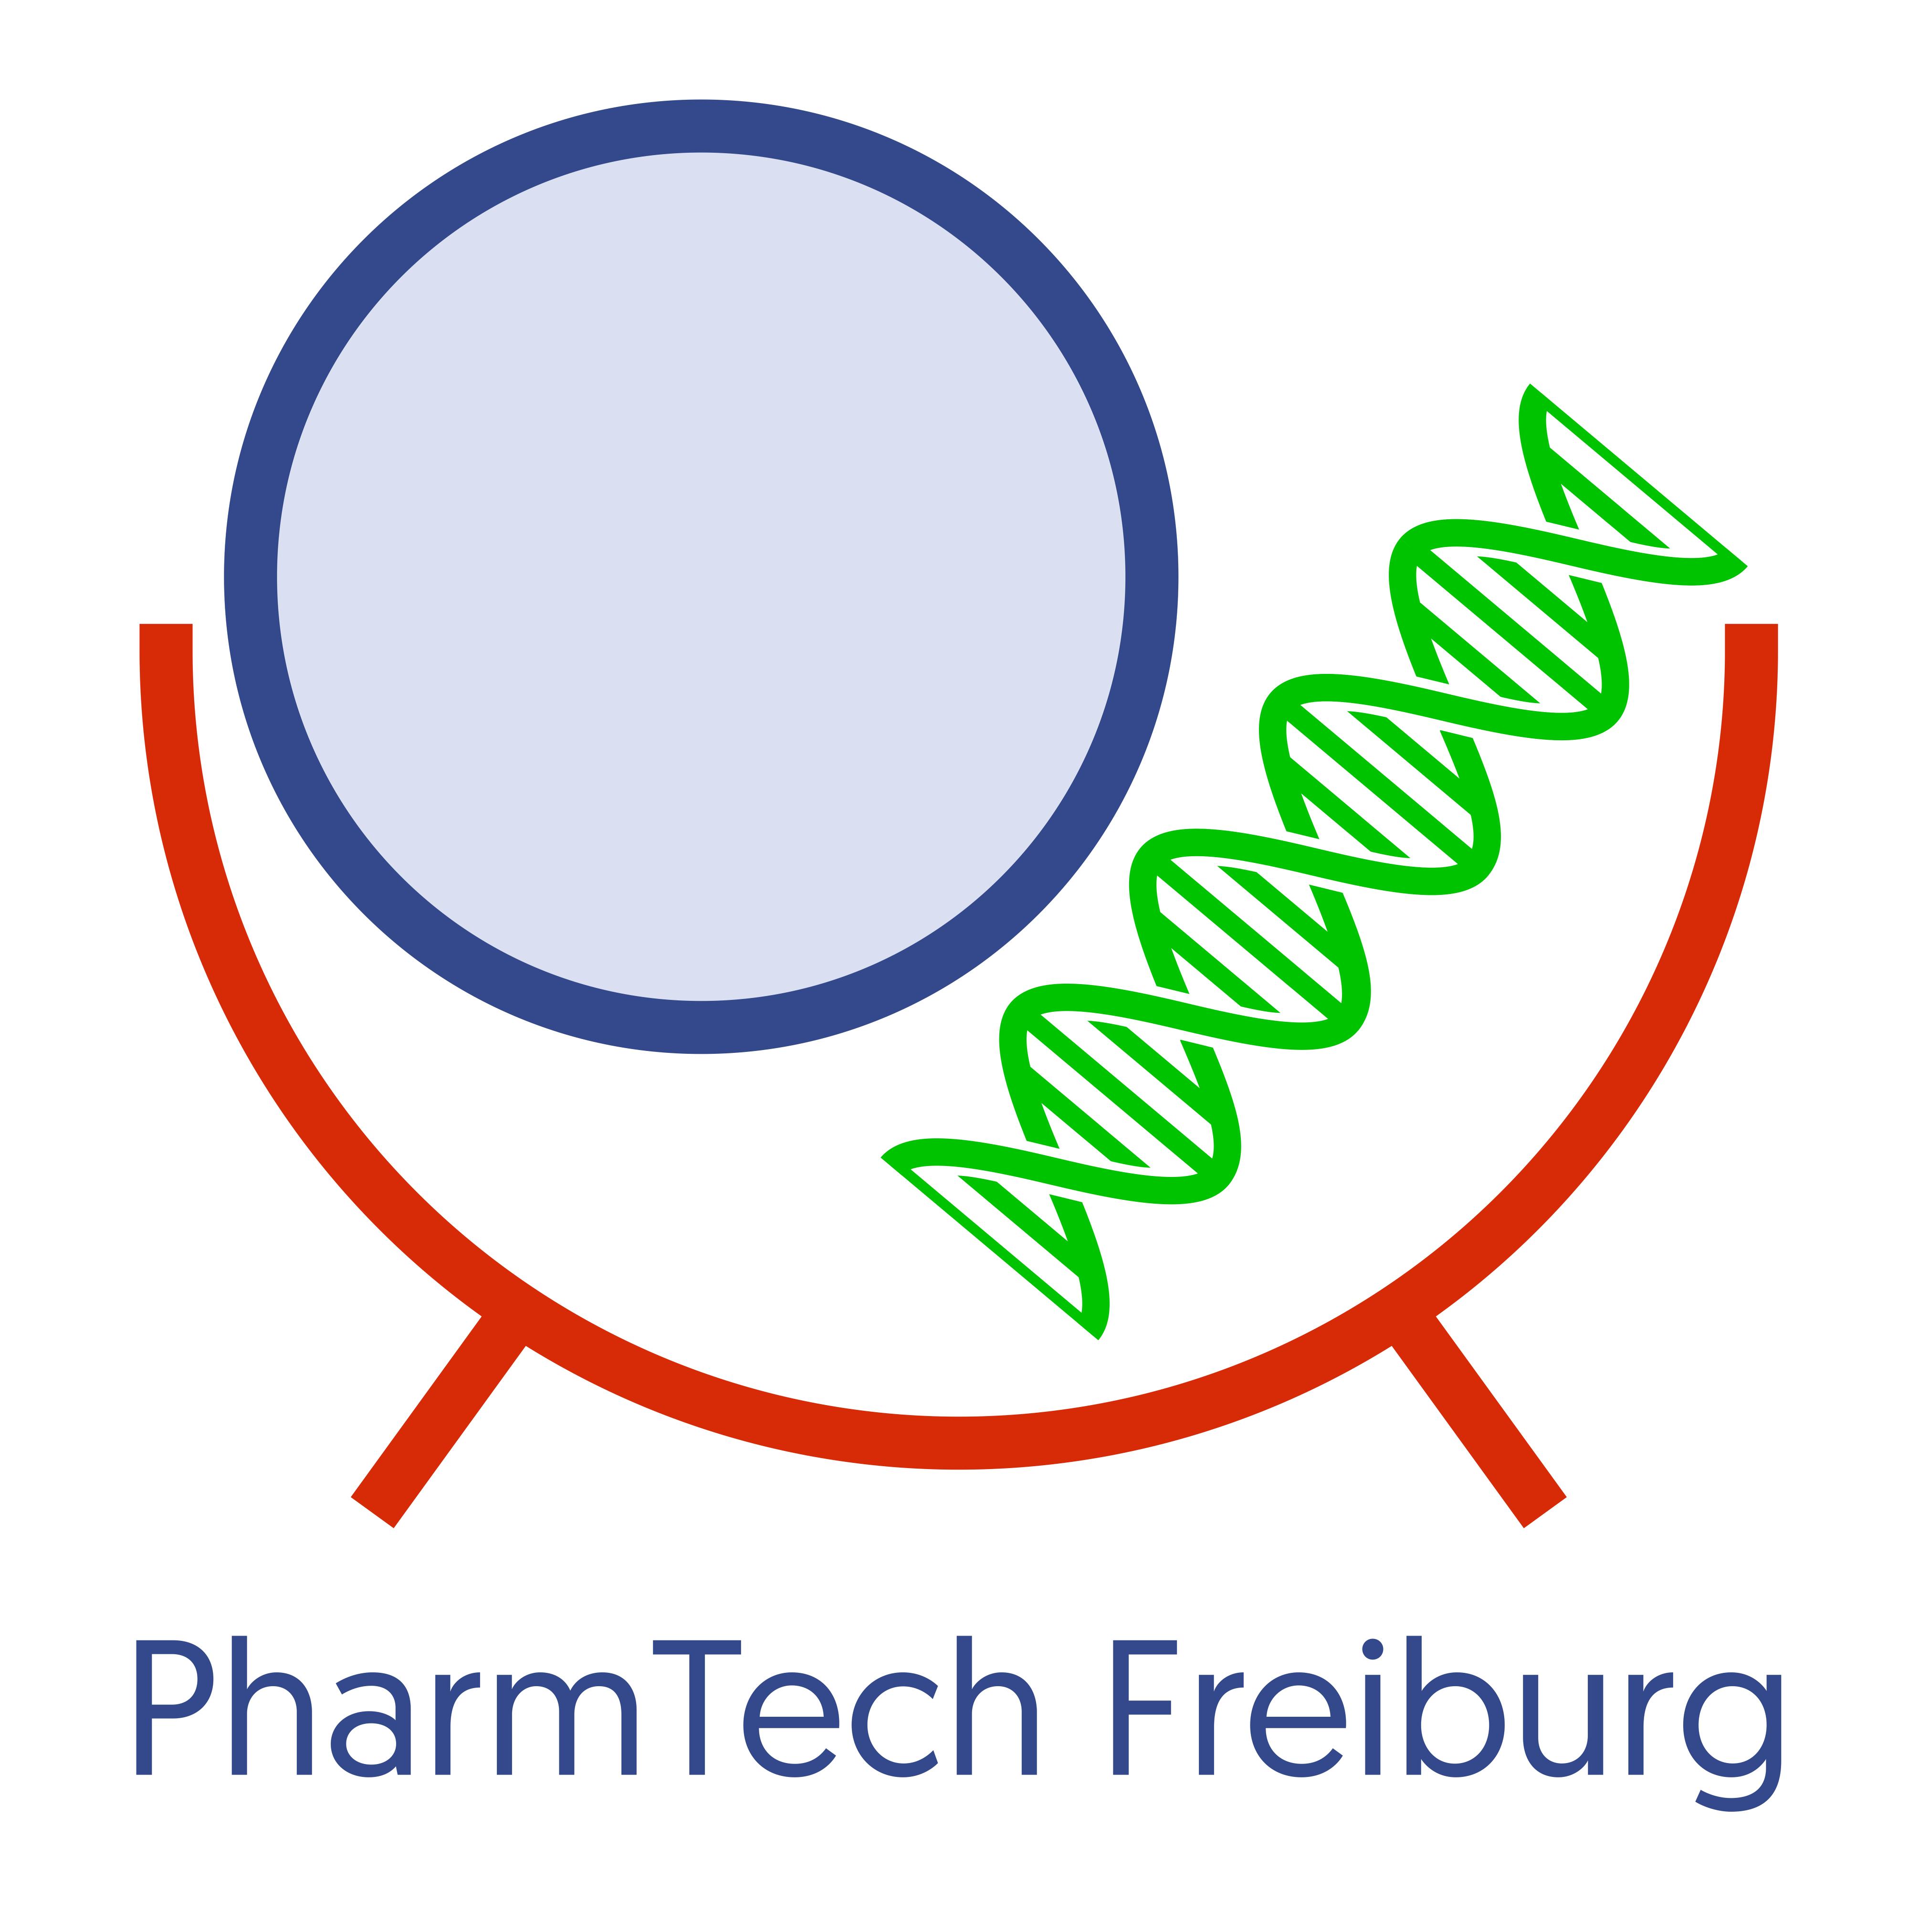 PharmTech Freiburg